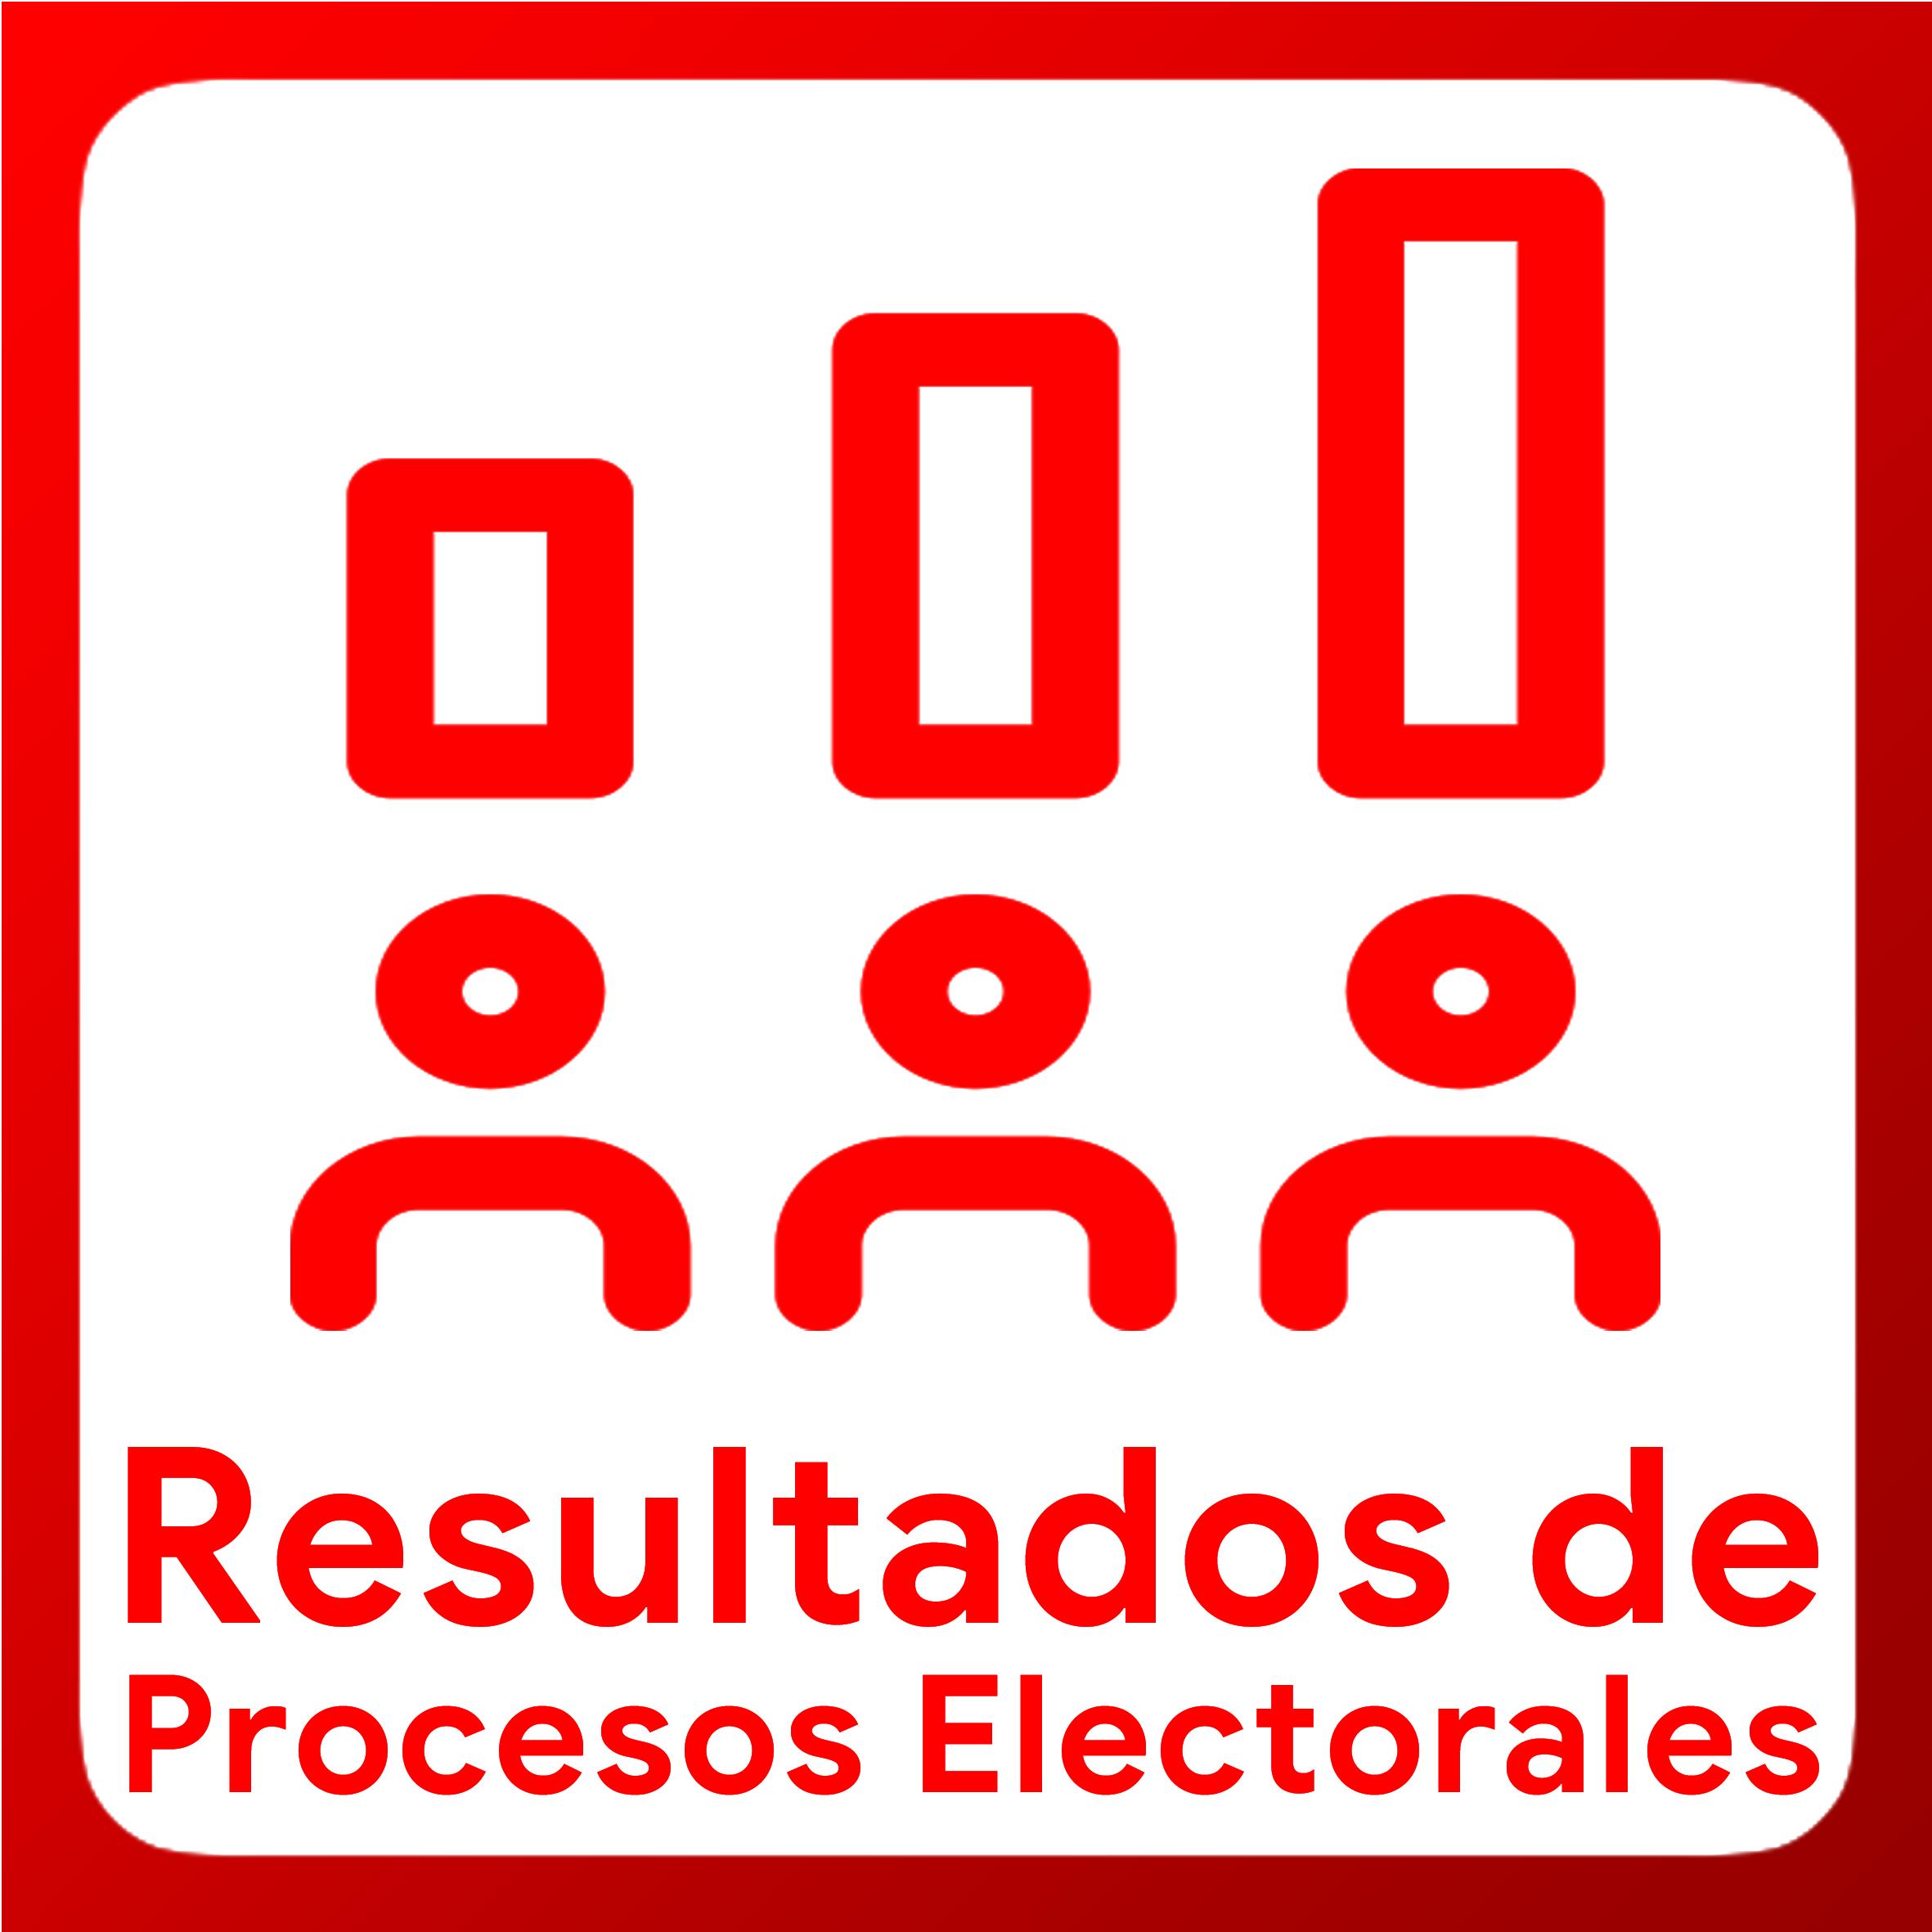 Boton activable de Resultados de Procesos Electorales